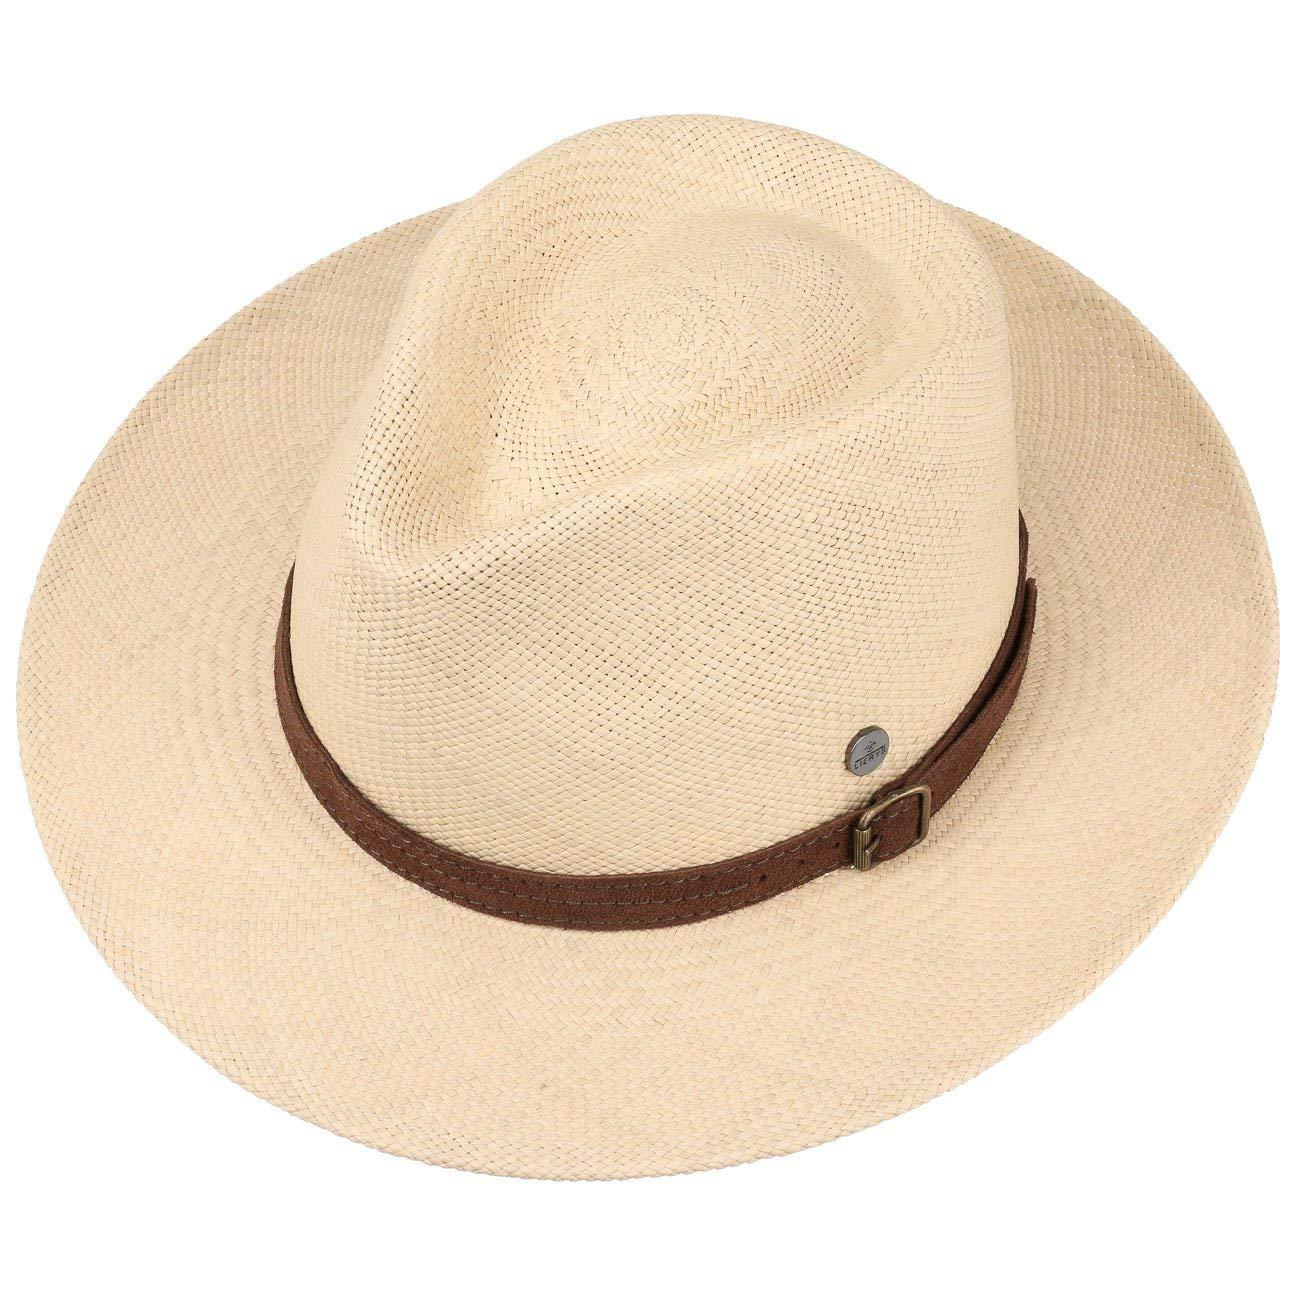 Piel Primavera//Verano Made in Ecuador Sol con Banda Piel Lierys Sombrero de Paja Panam/á Rustic by Hombre